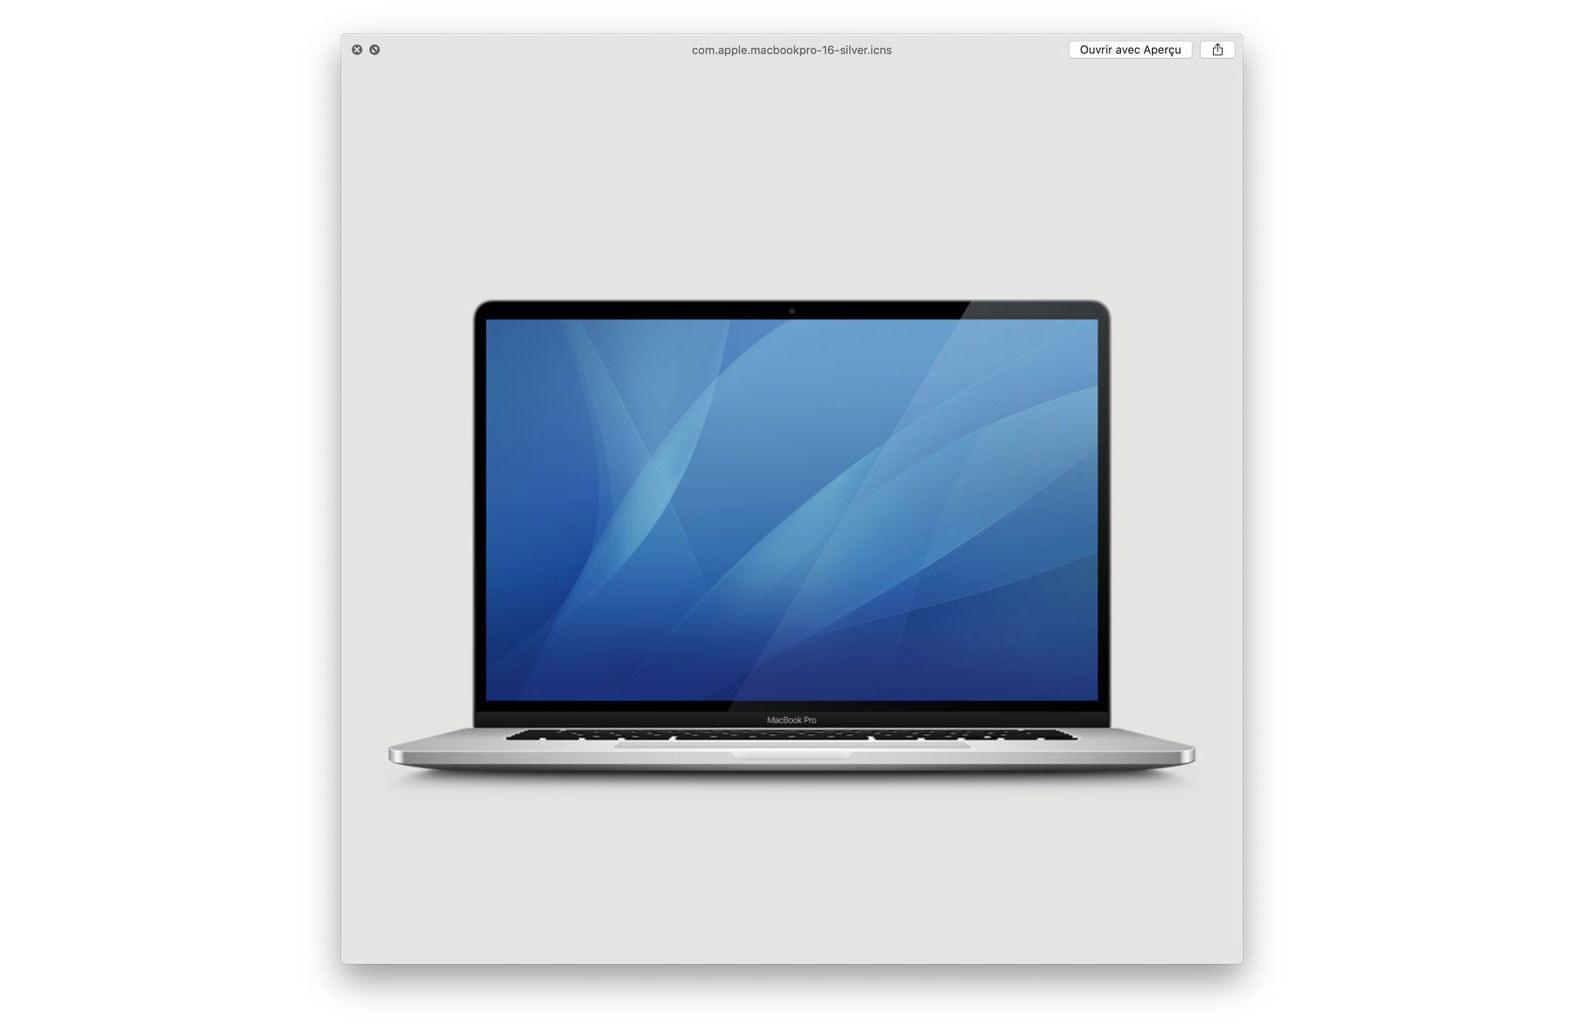 beta icon of MacBook Pro